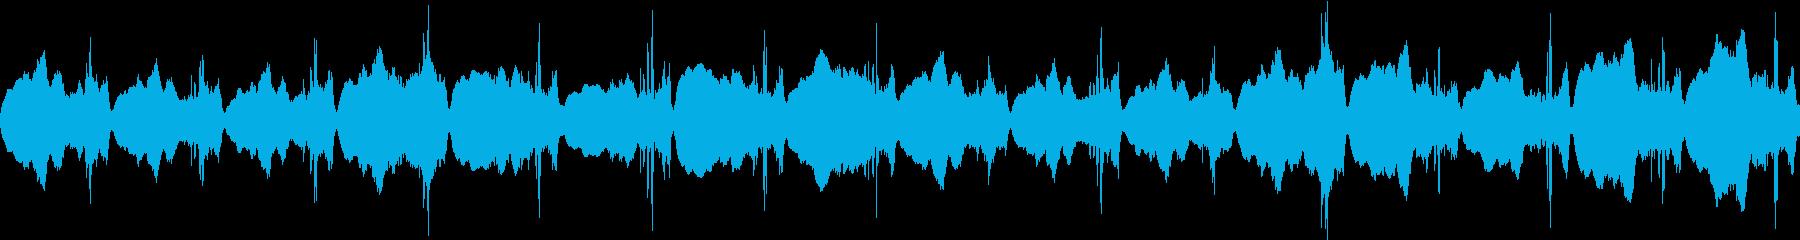 何かが起きる前兆、不吉な予感:不協和音の再生済みの波形